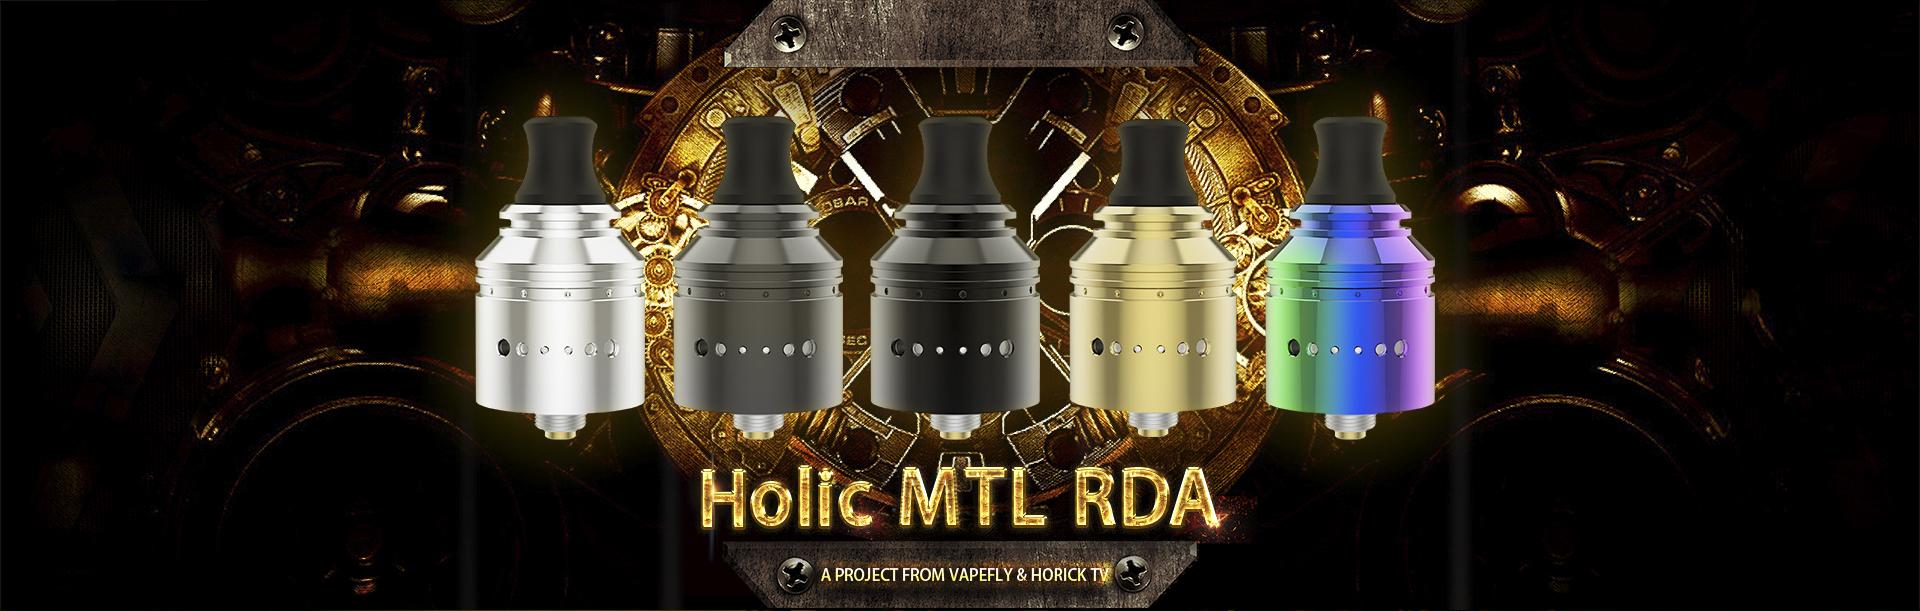 Holic MTL RDA 01 2 - 【レビュー】Vapefly Holic MTL RDAレビュー。あの人気ユーチューバー『ホリックTV』のこーへいさんとVapeflyのコラボアトマイザーが登場! 私も愛用しているGalaxiesシリーズのメーカーなので期待度大!